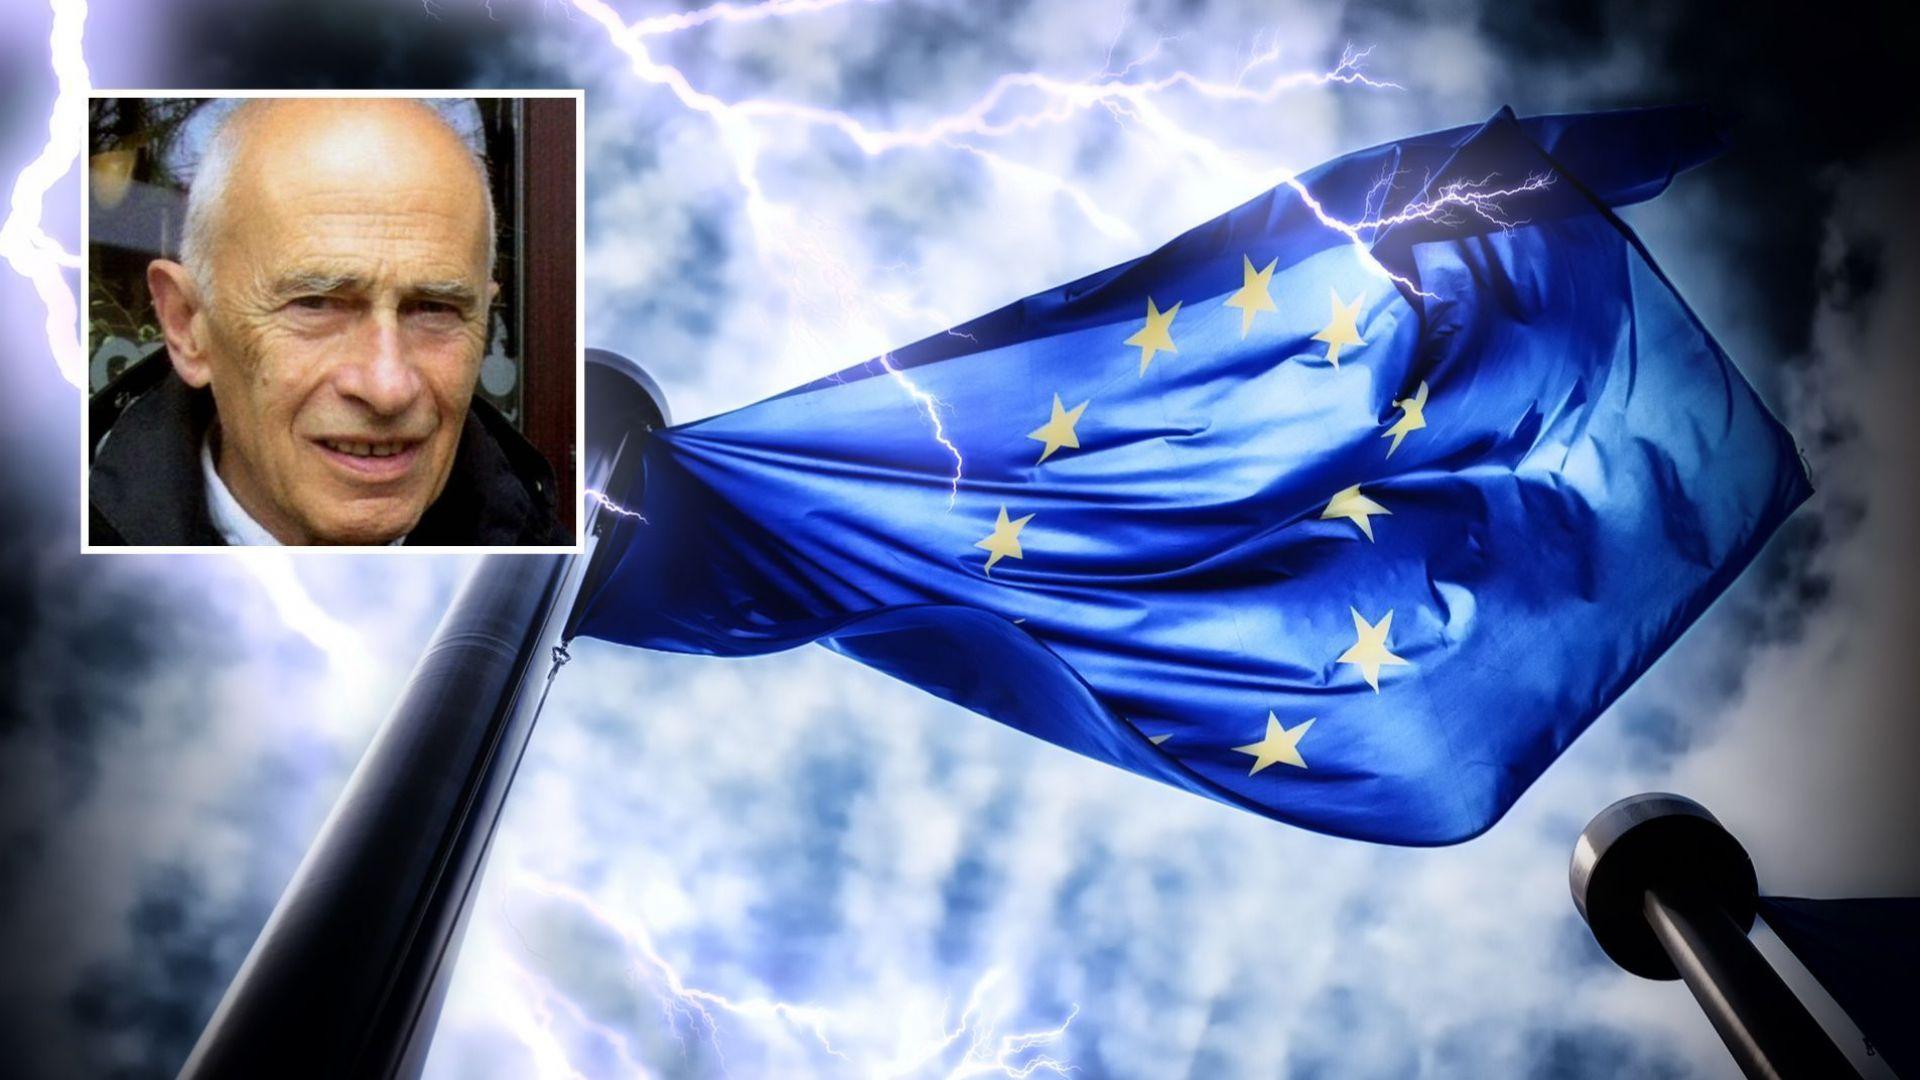 Владимир Костов: Кризата на ЕС е последица от упоритостта на Брюксел да поддържа компрометираната антинационална политика